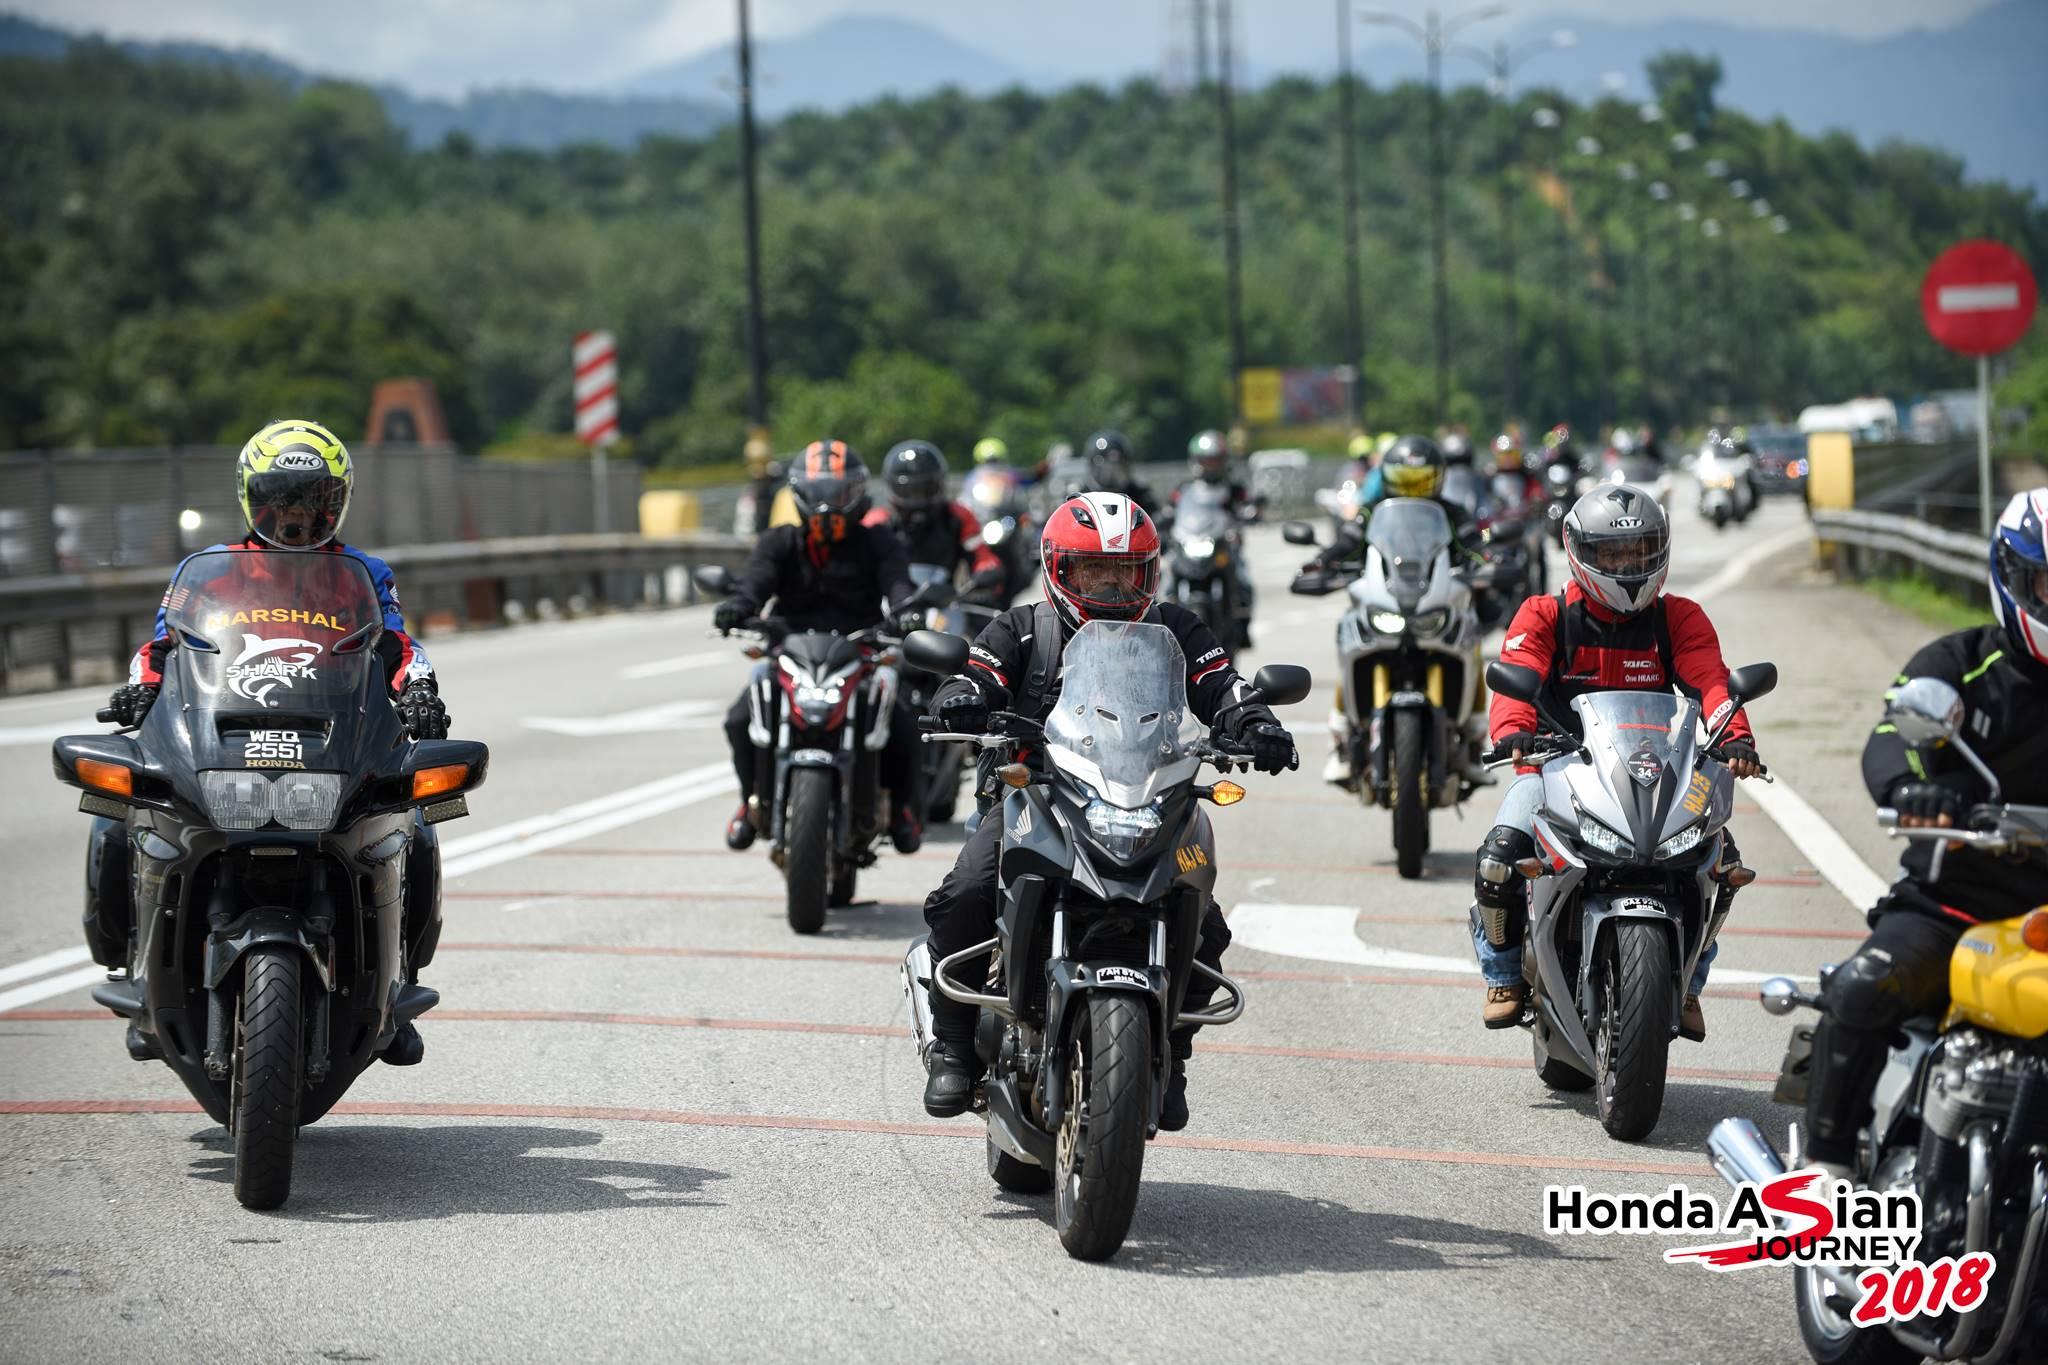 Honda_Asian_Journey_2018_Xe_Tinhte_028.jpg